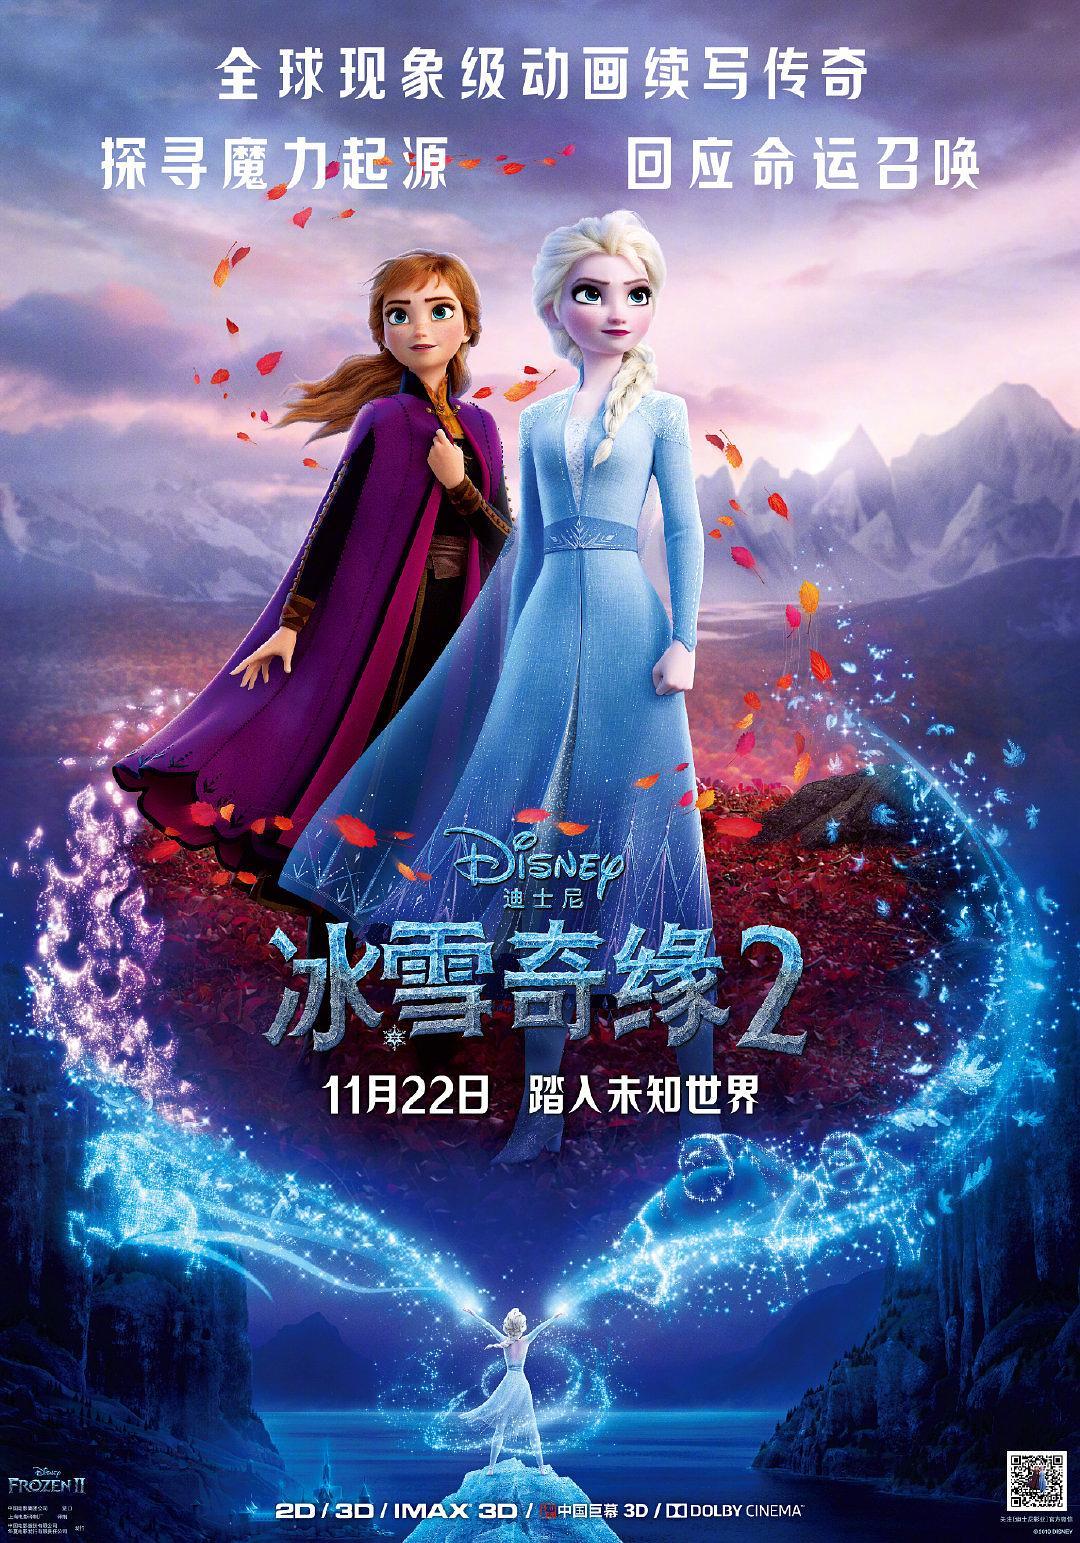 冰雪奇缘2电影